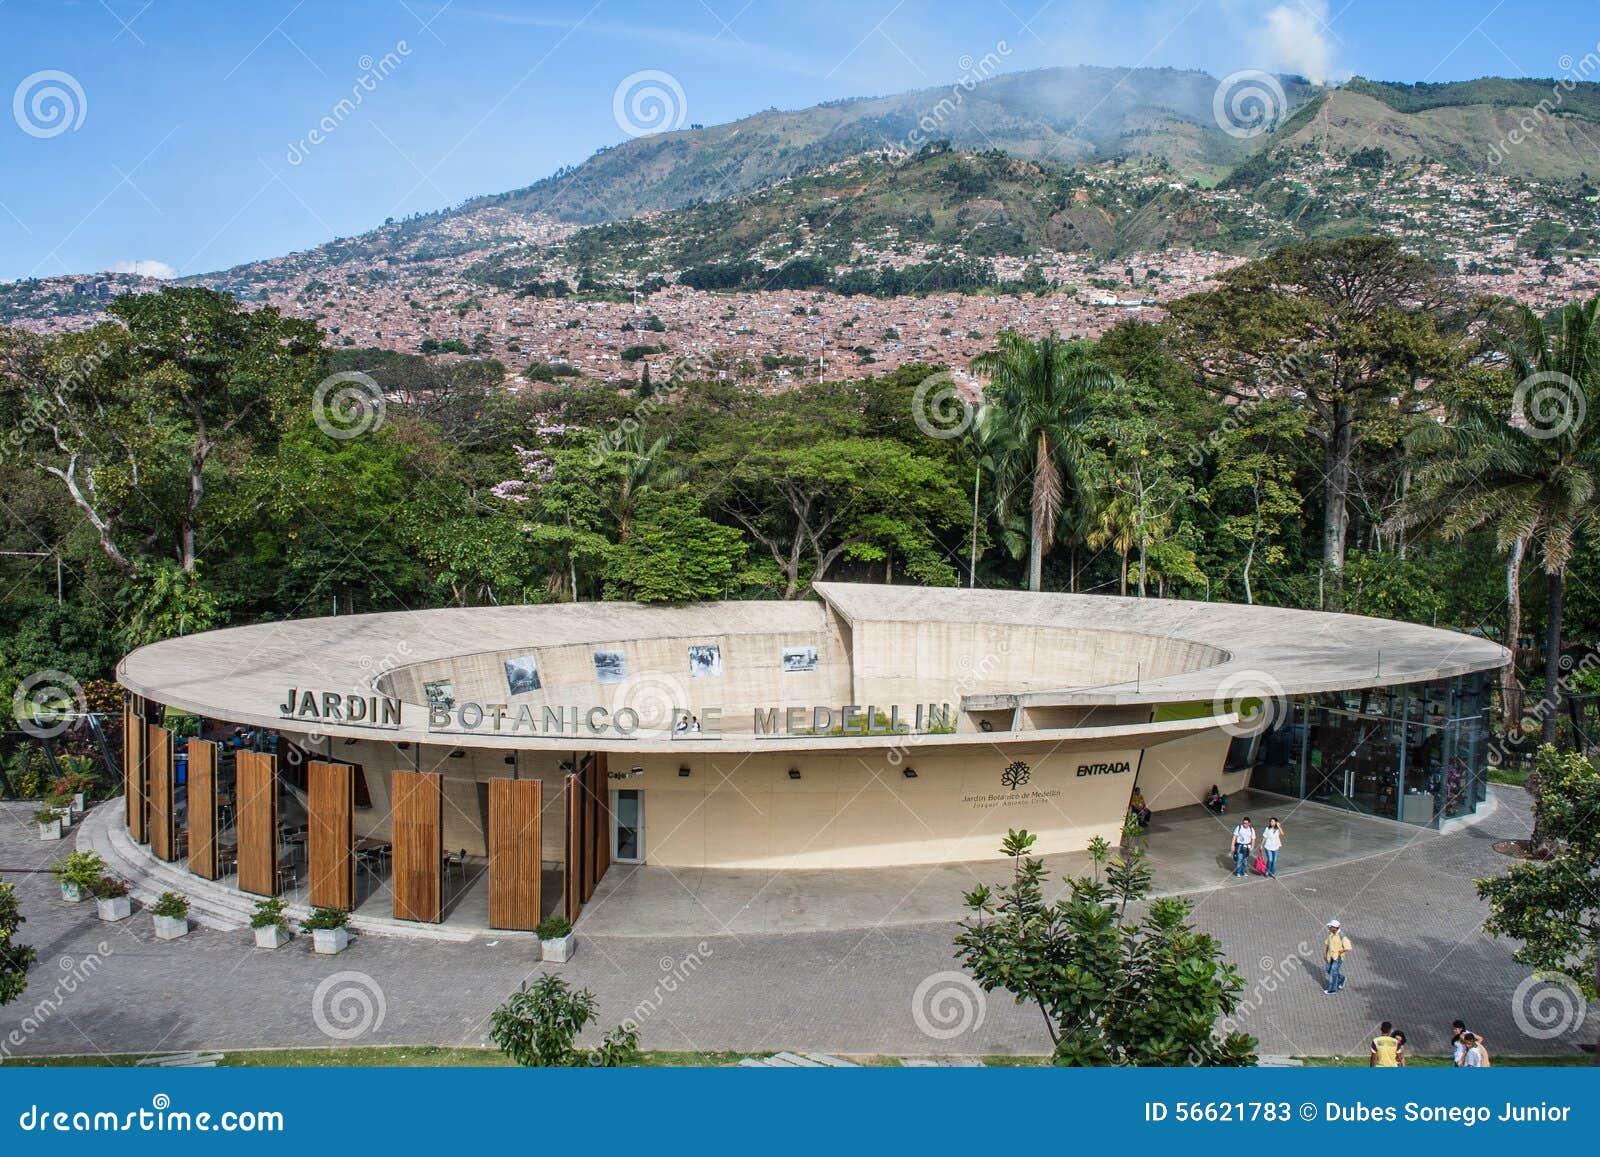 Medellin botanical garden editorial stock photo image for Bodas en el jardin botanico de medellin